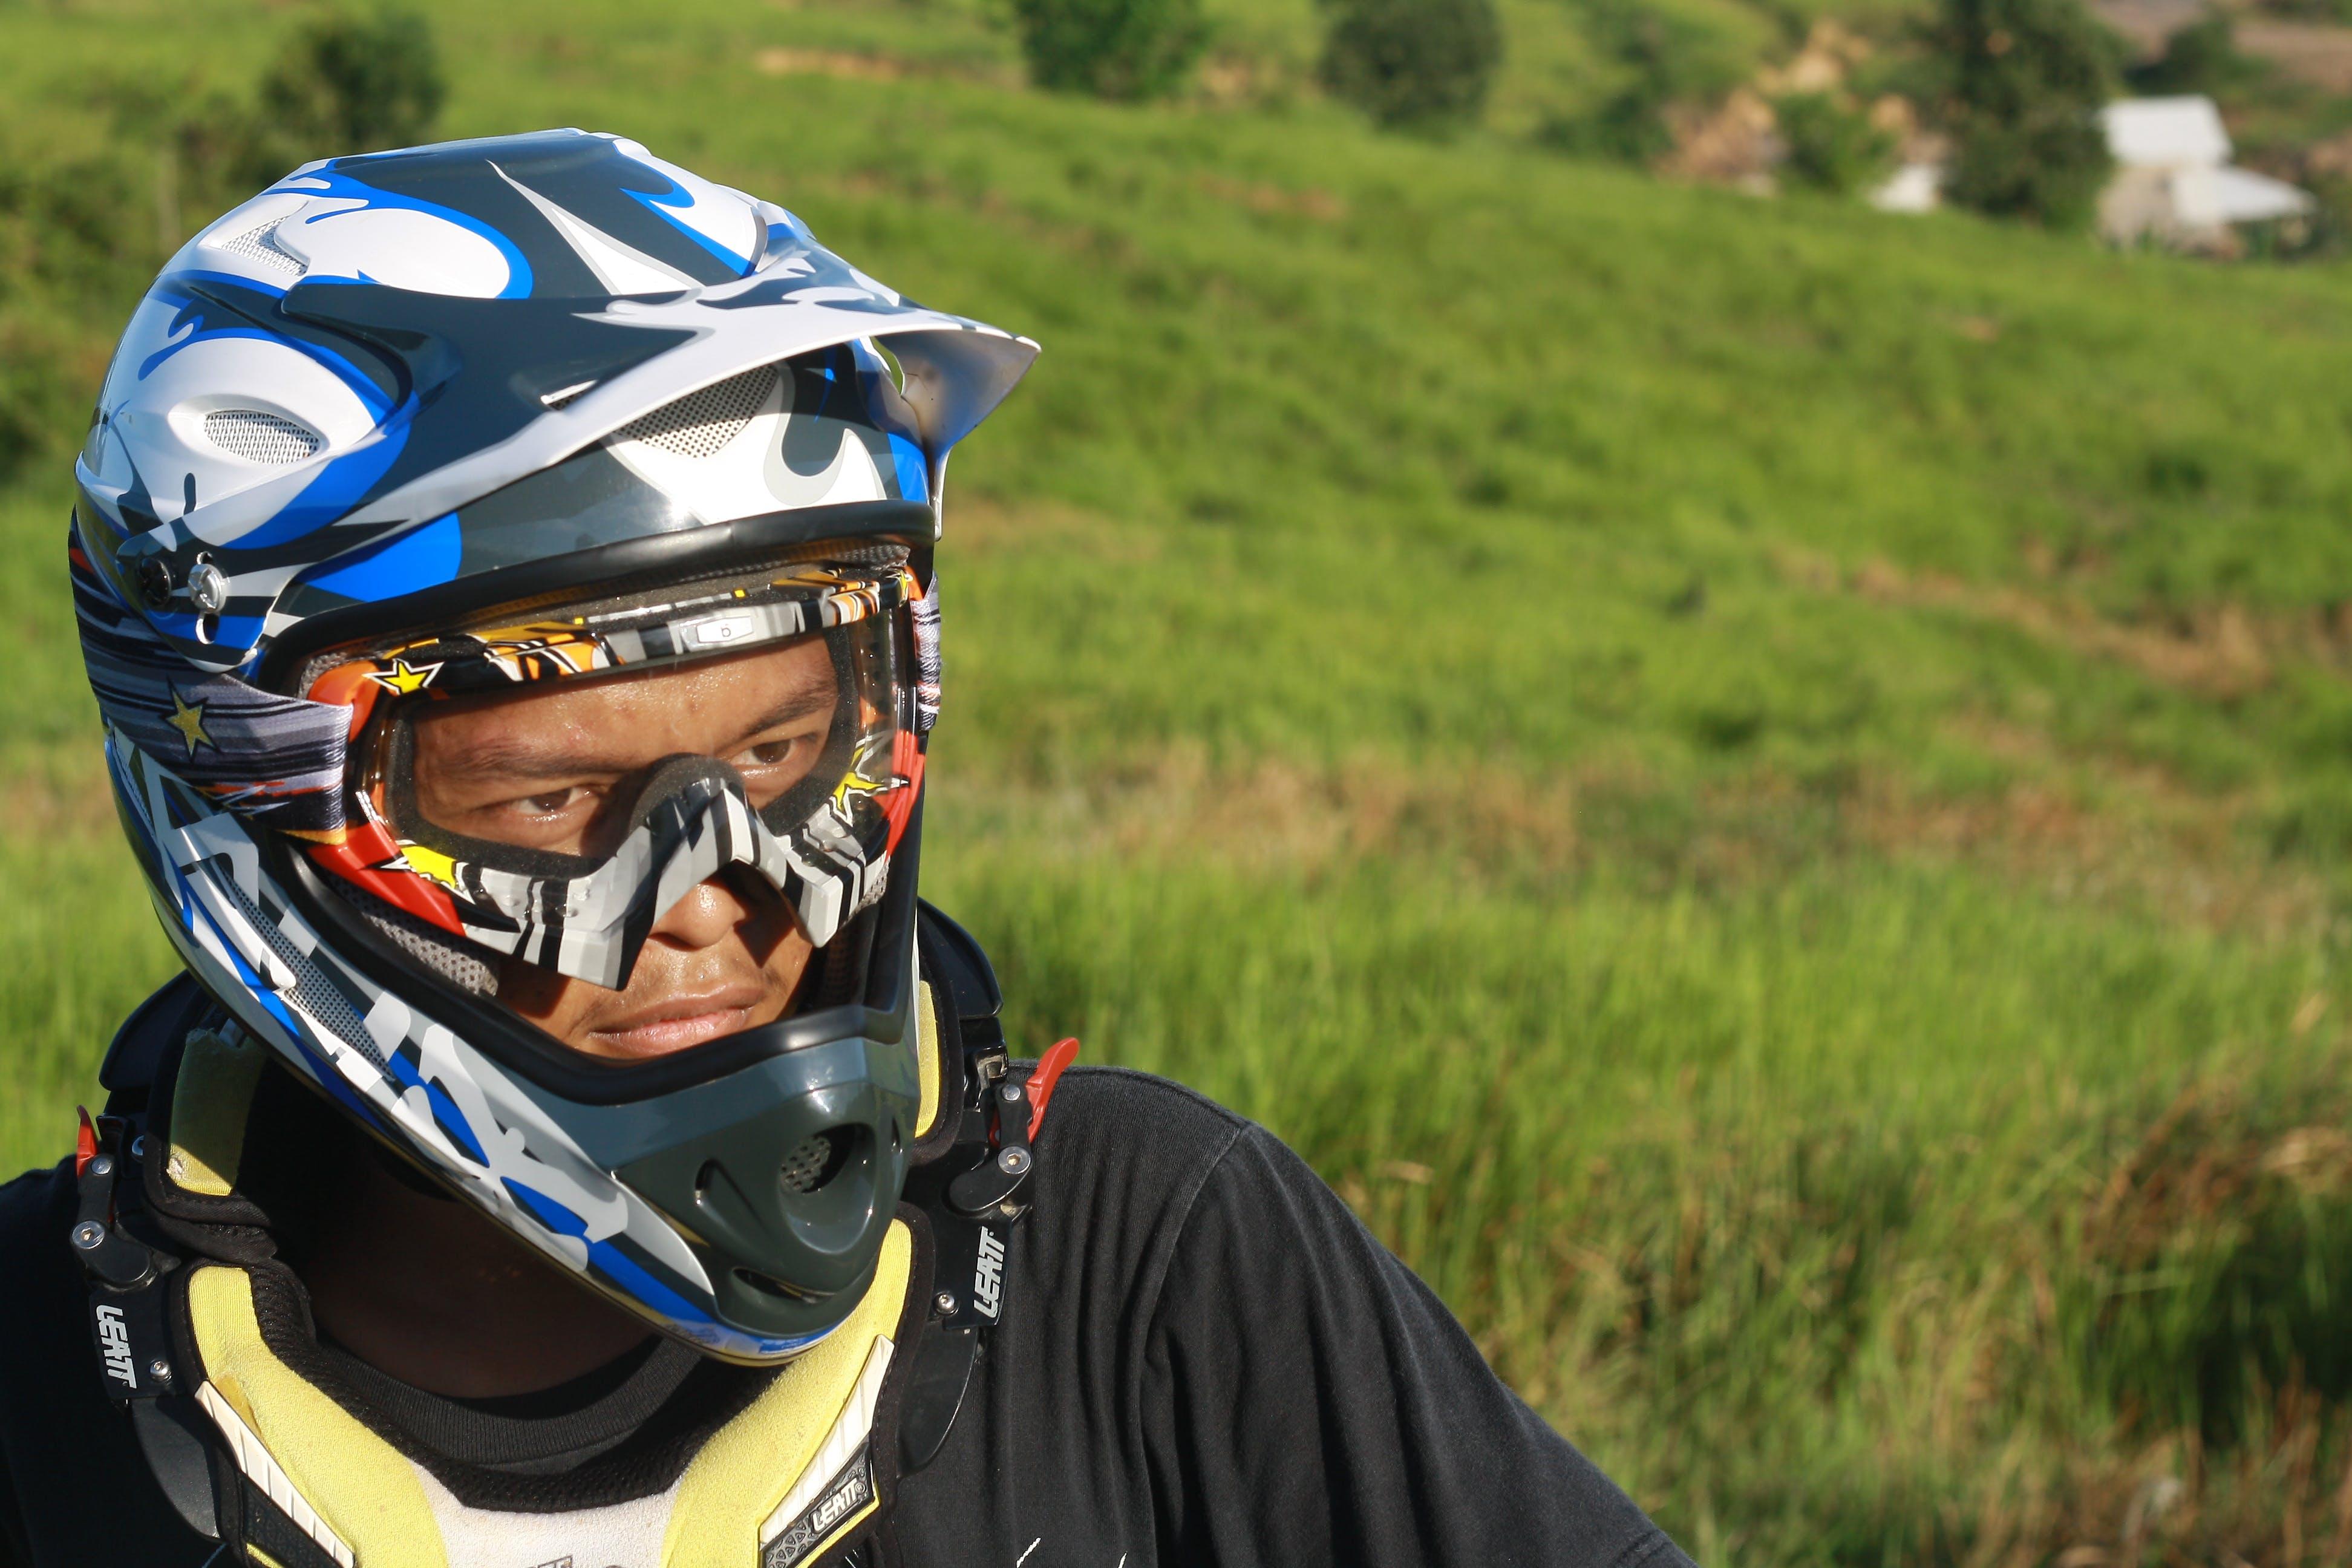 Ảnh lưu trữ miễn phí về mũ bảo hiểm, người lái, người lái xe đạp, người đi xe đạp